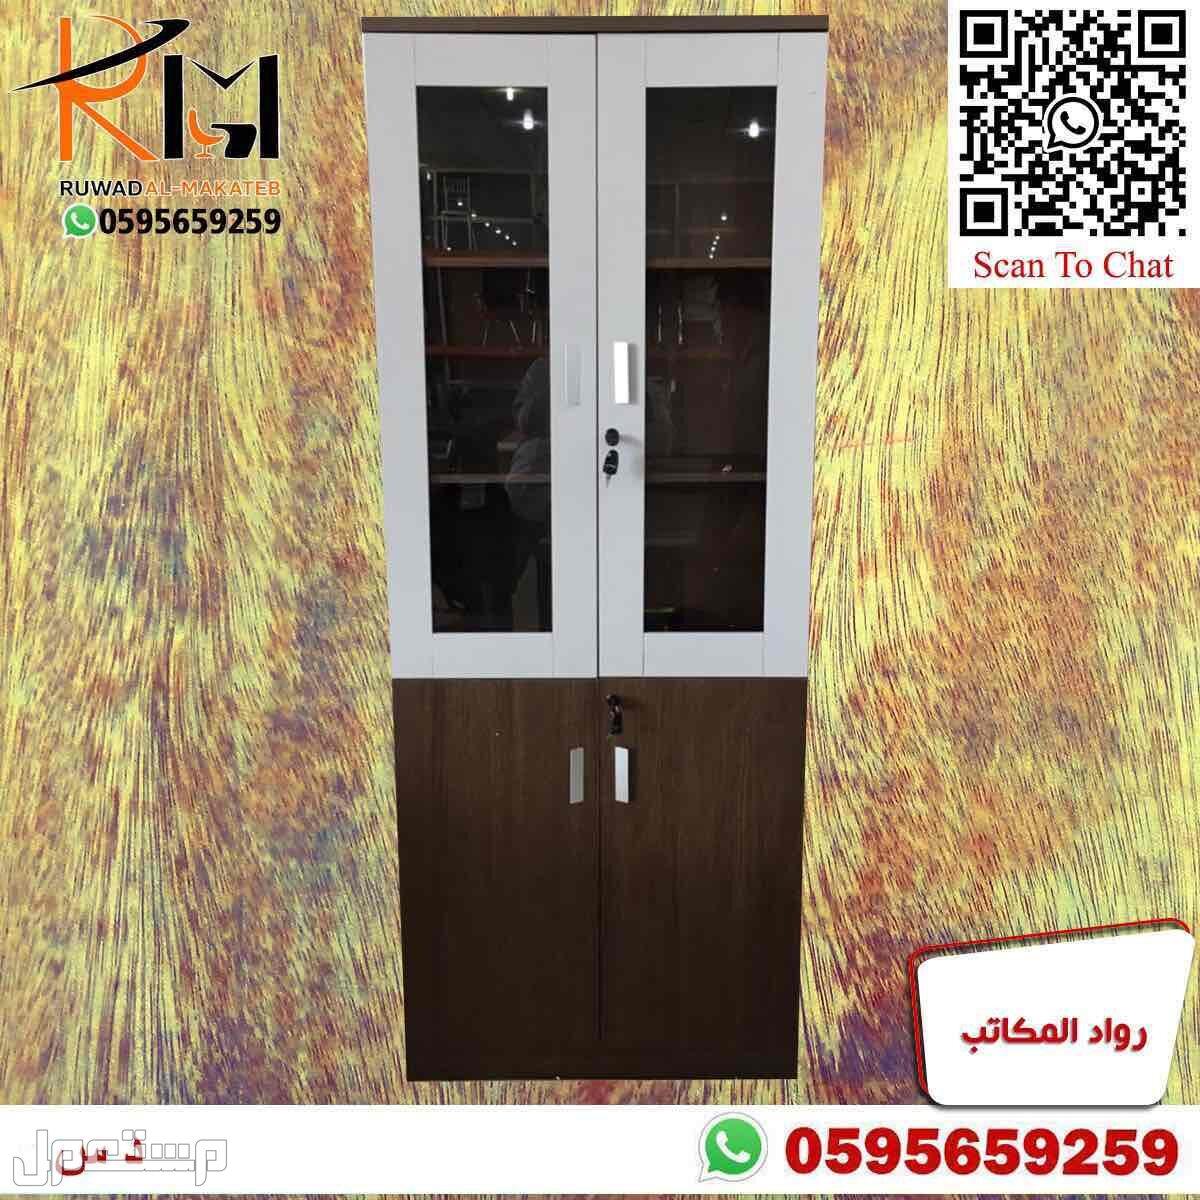 دولاب مكتب خشب جودة ممتازة توصيل بالرياض وشحن لمدن المملكة